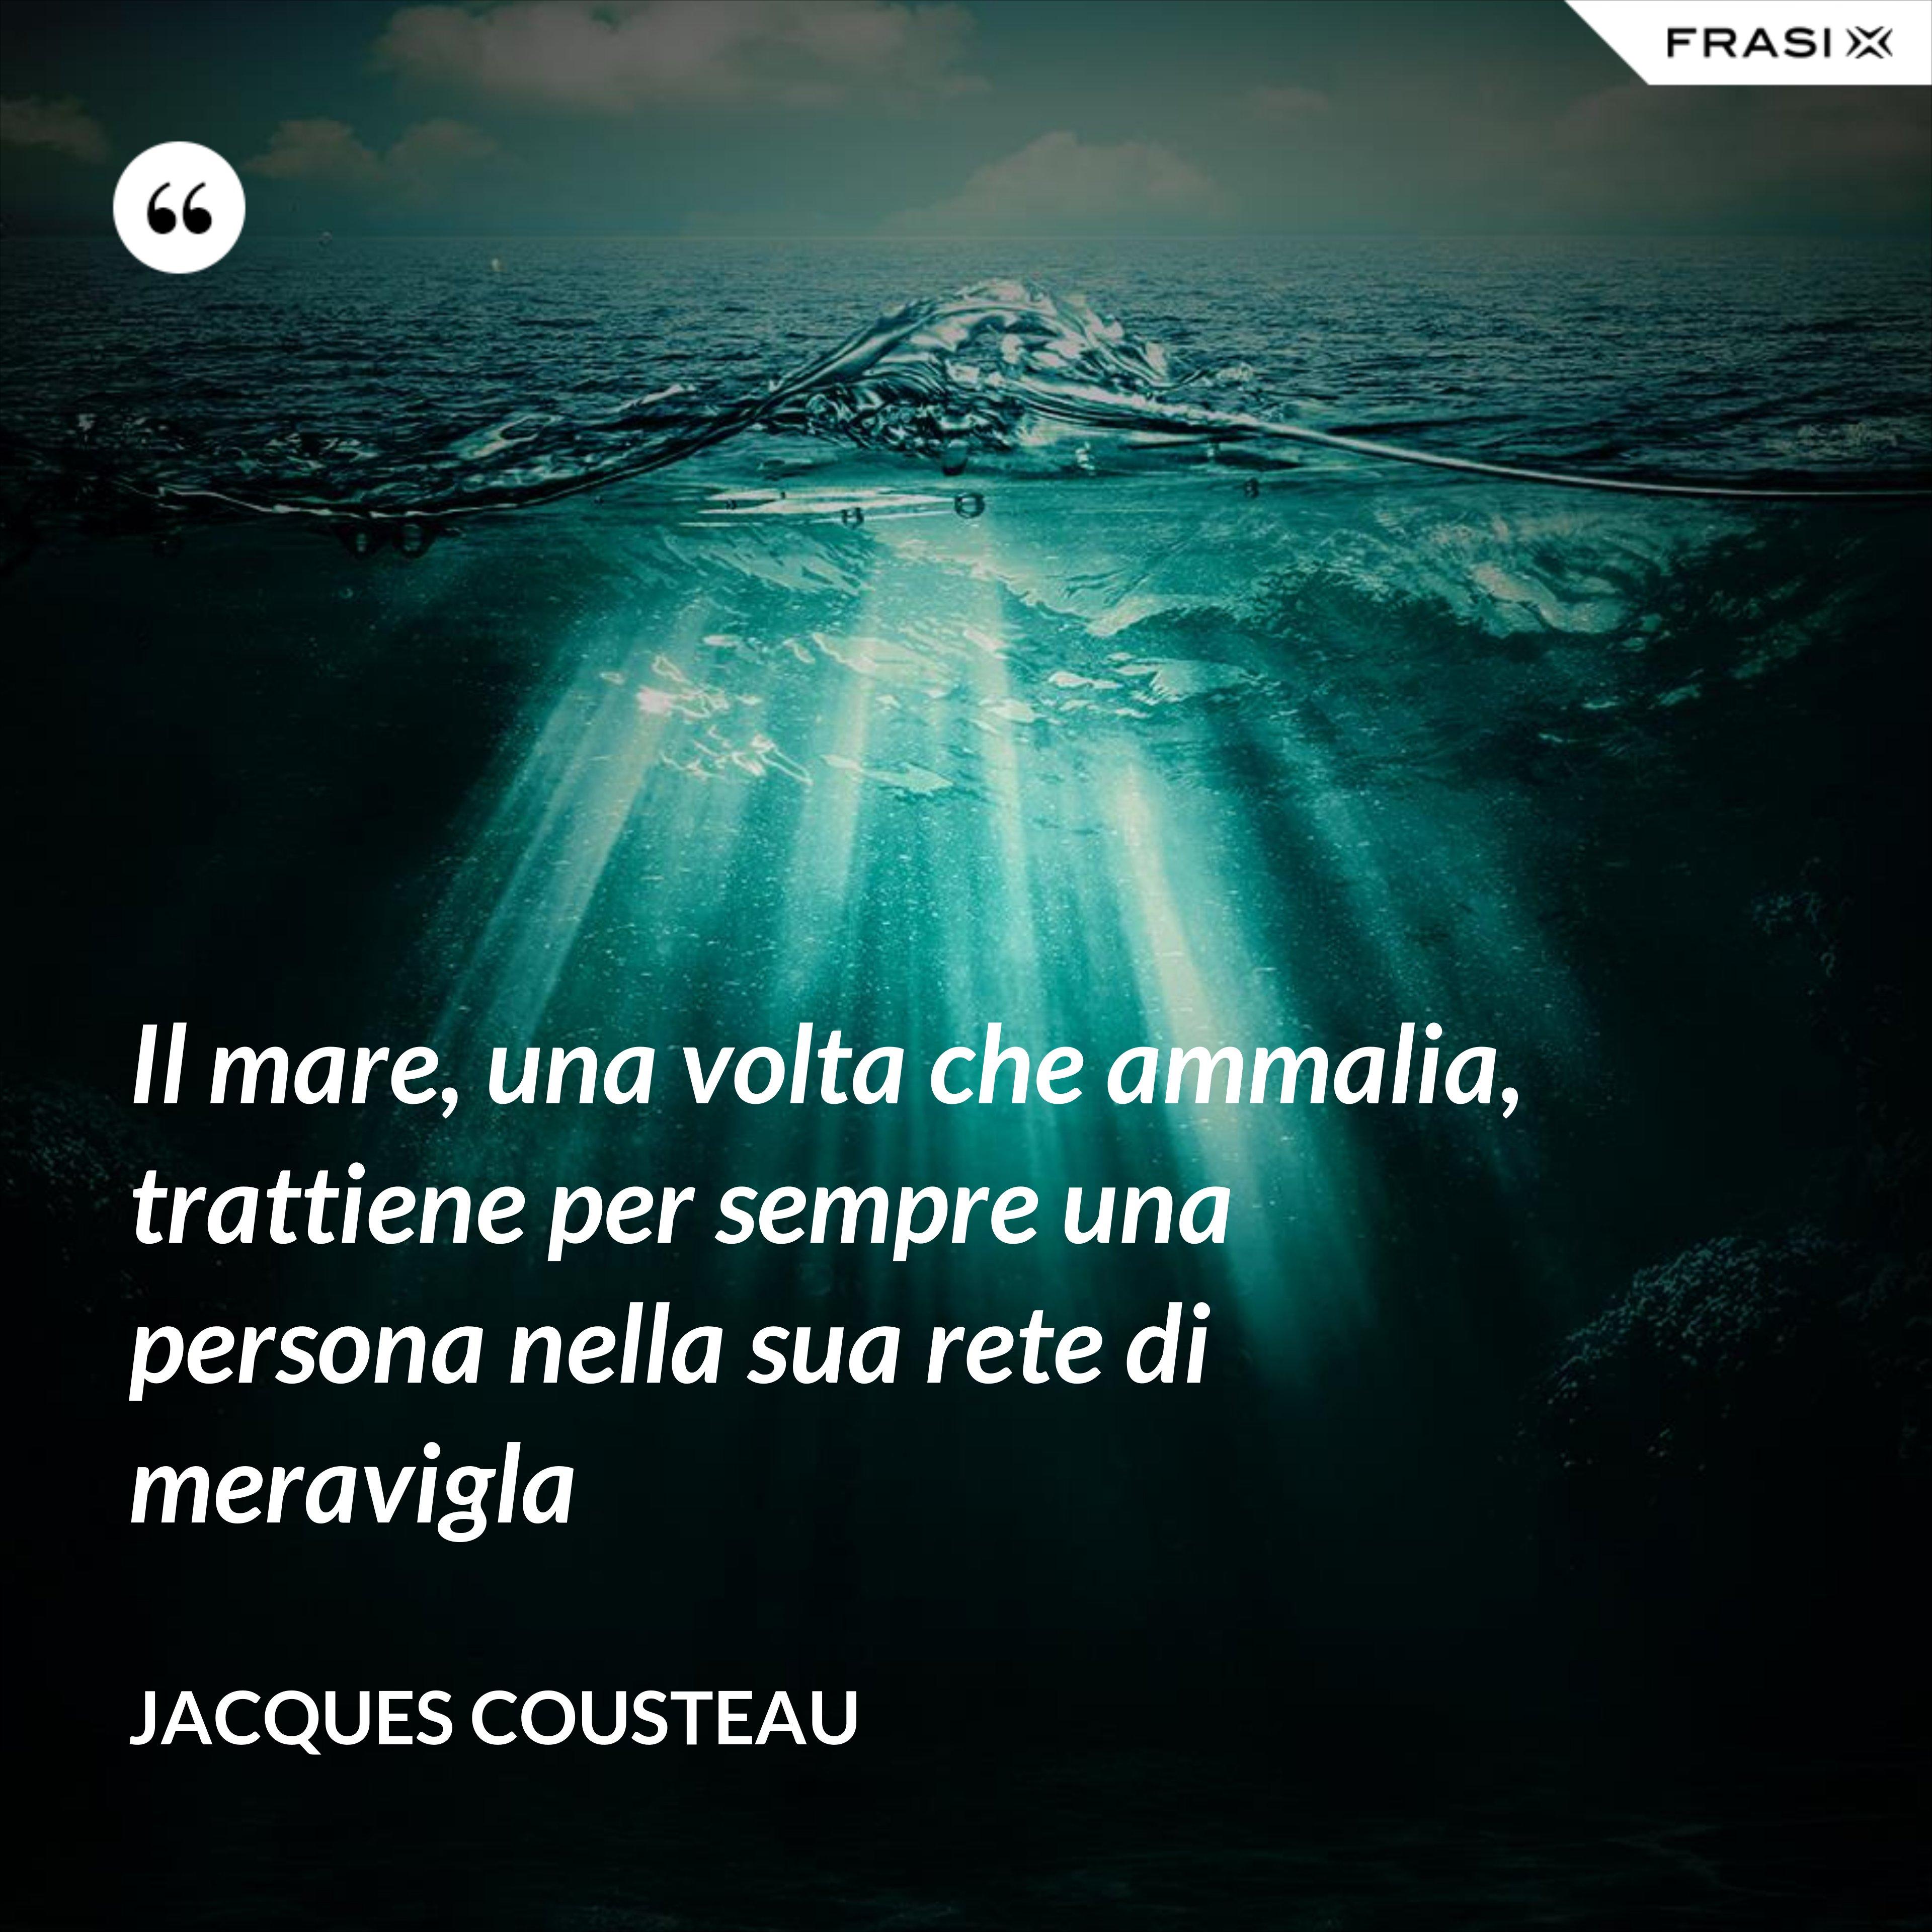 Il mare, una volta che ammalia, trattiene per sempre una persona nella sua rete di meravigla - Jacques Cousteau